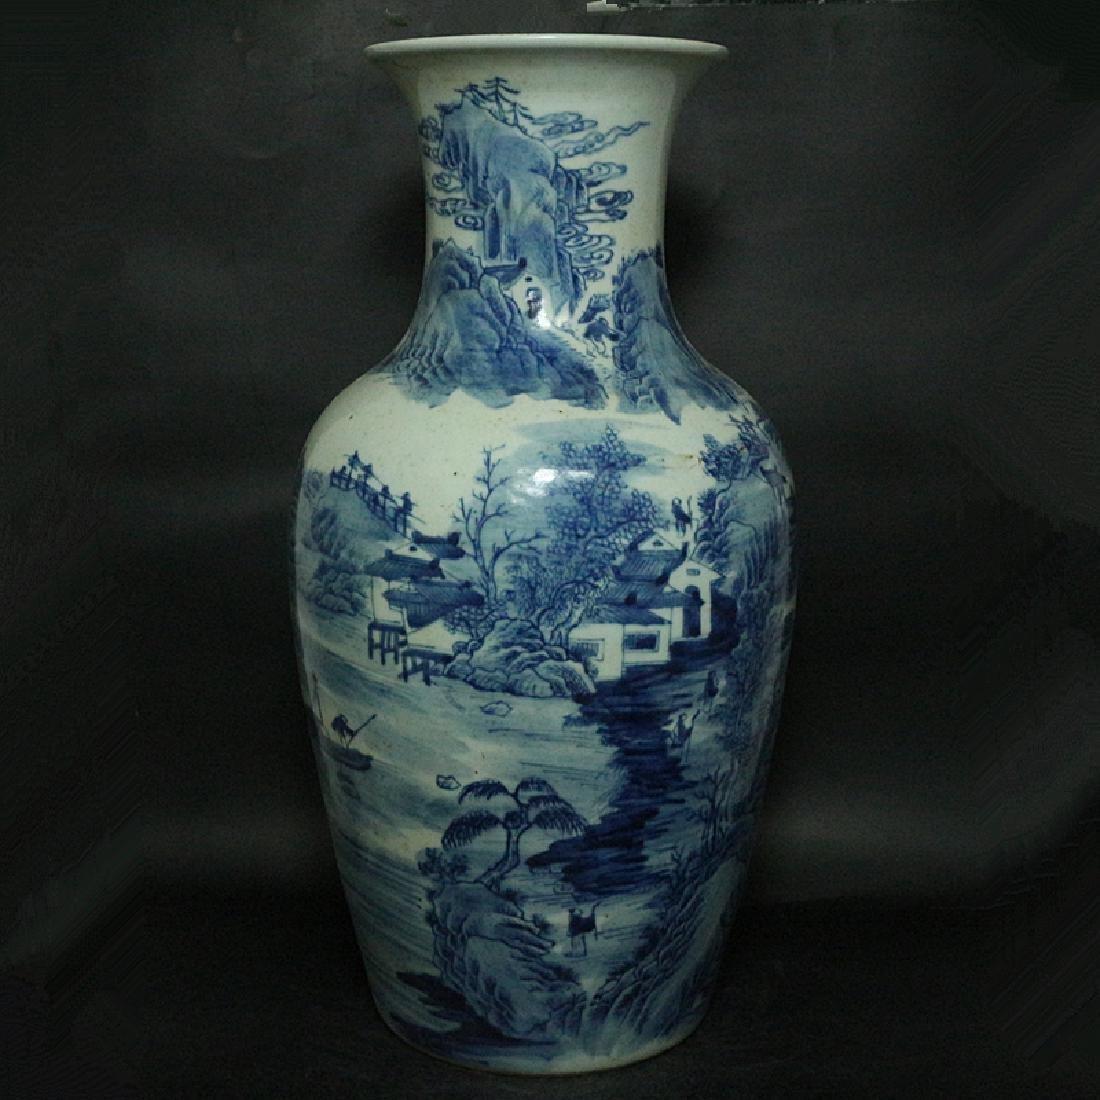 Chinese Qing Dynasty Blue & White Glazed Porcelain Vase